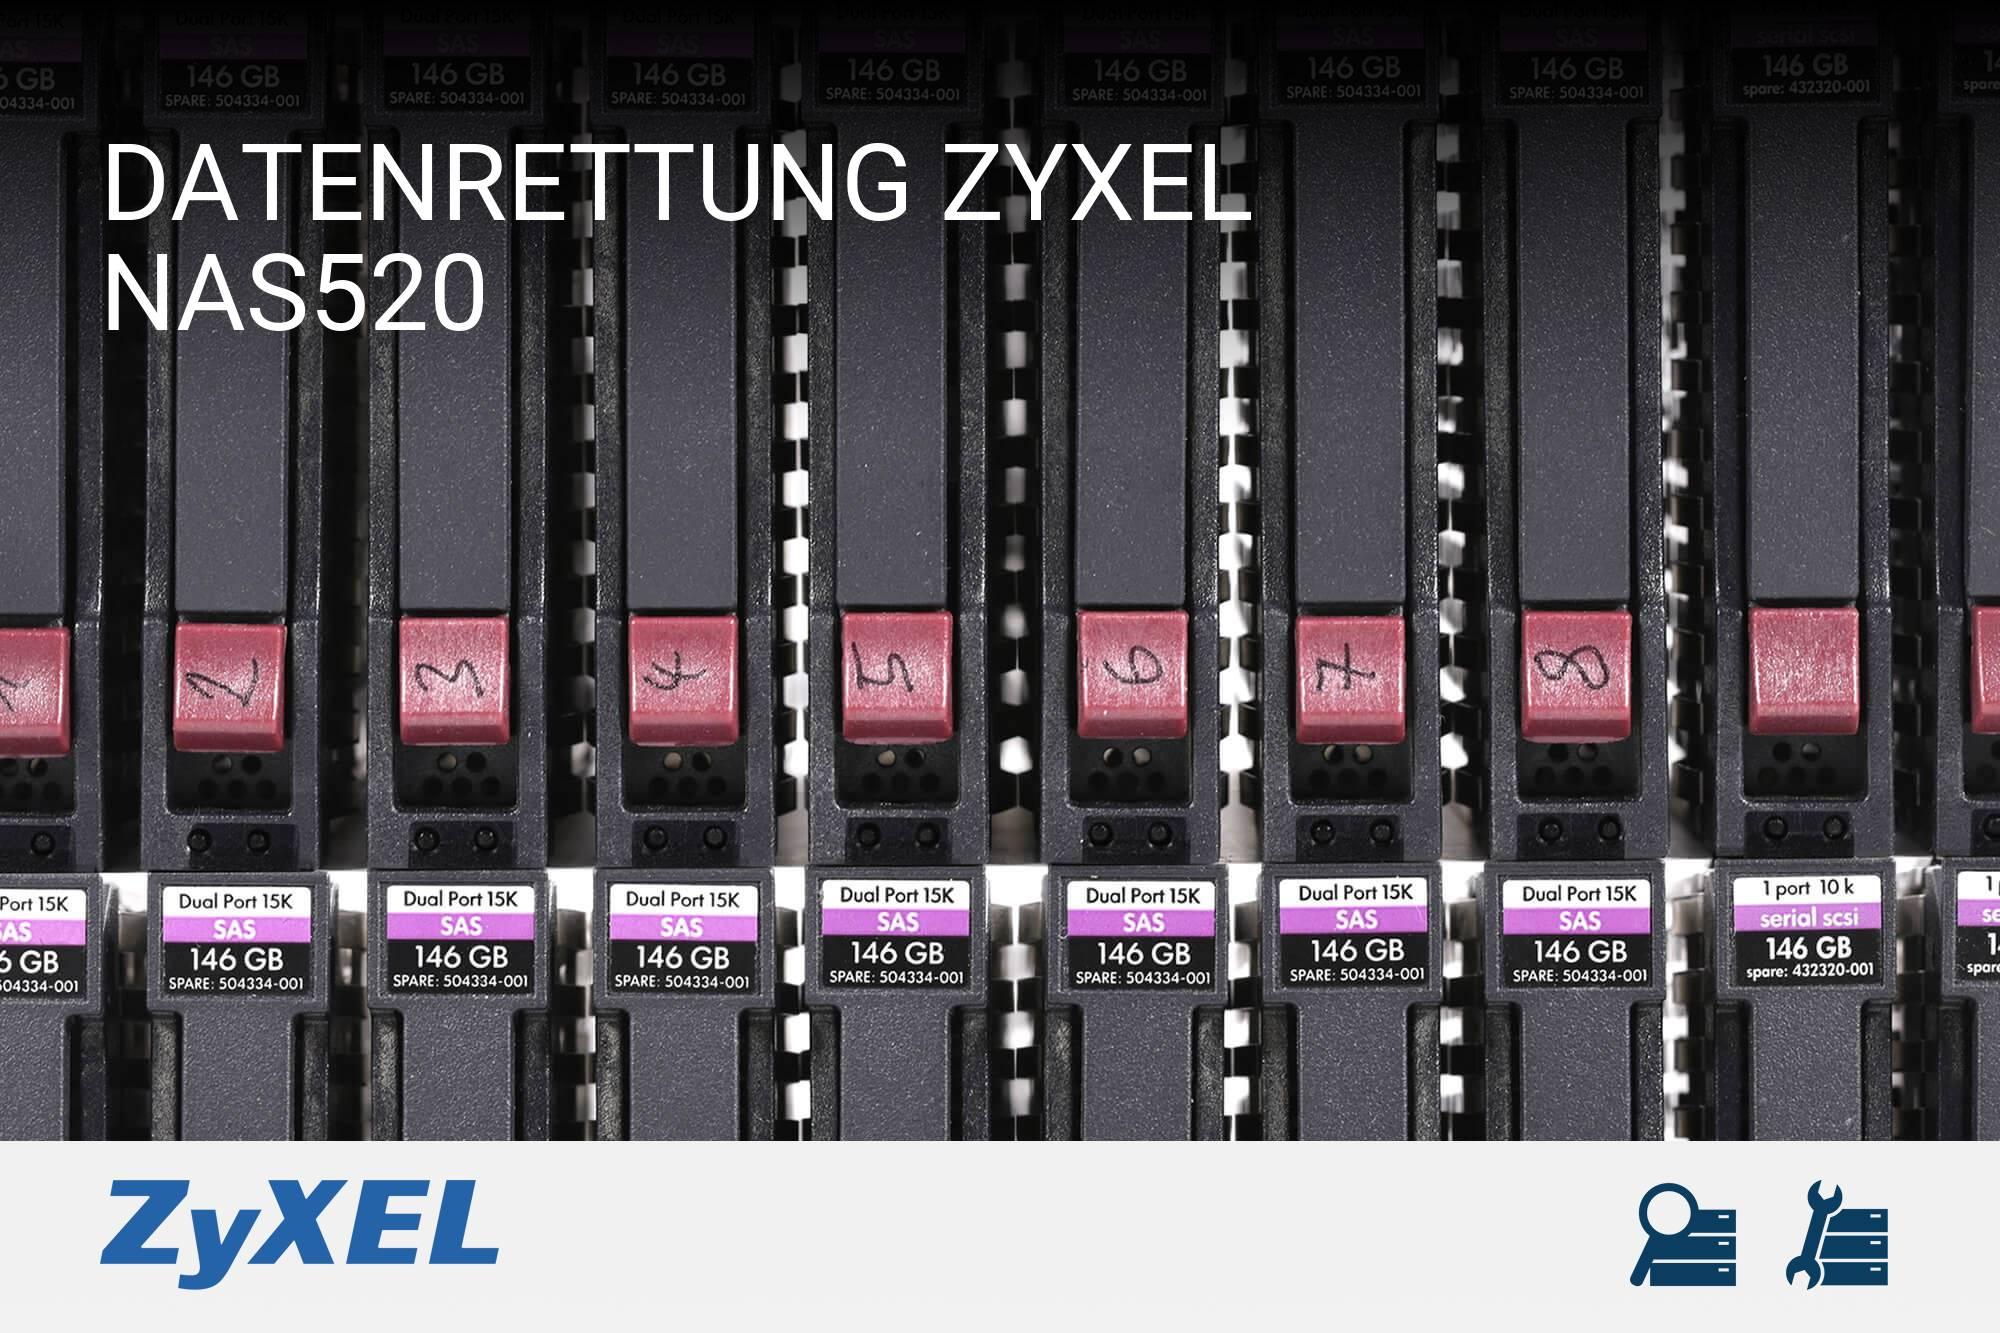 ZyXEL NAS520